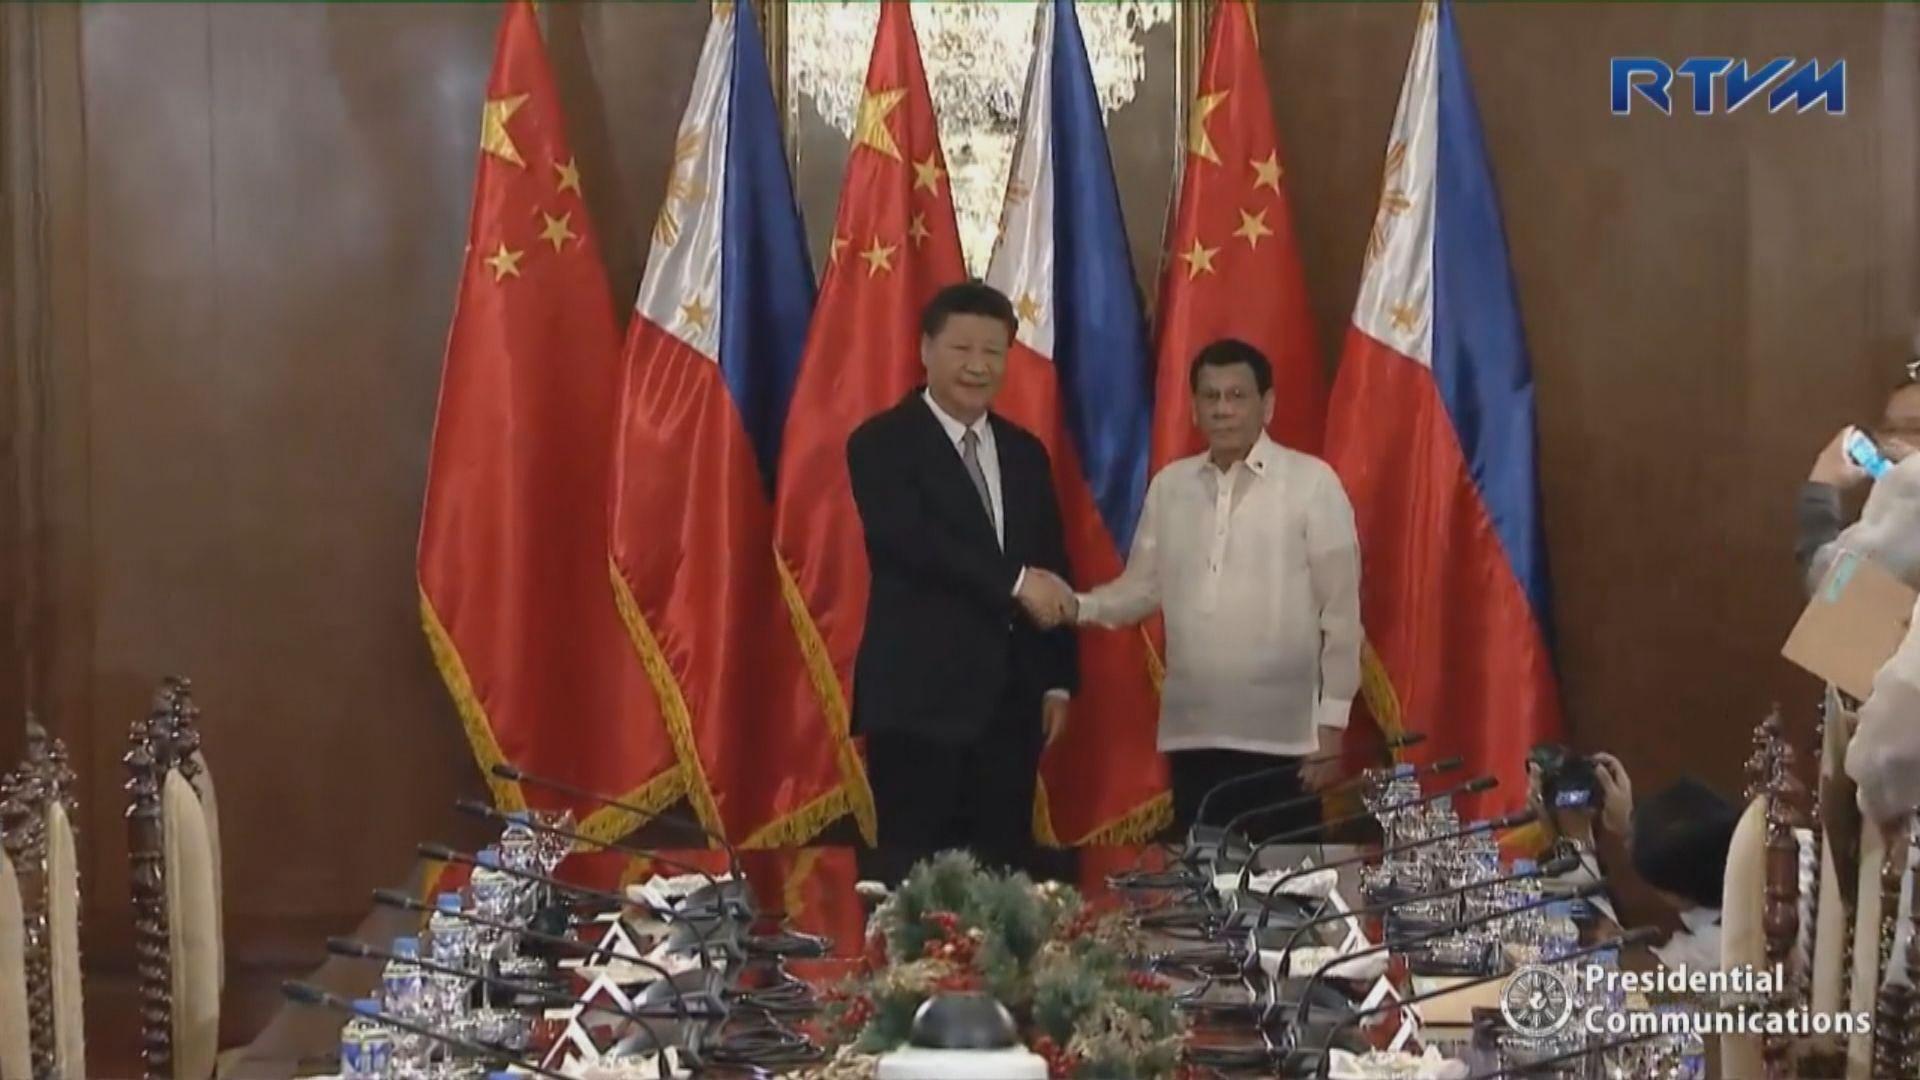 習近平與菲律賓總統杜特爾特會面